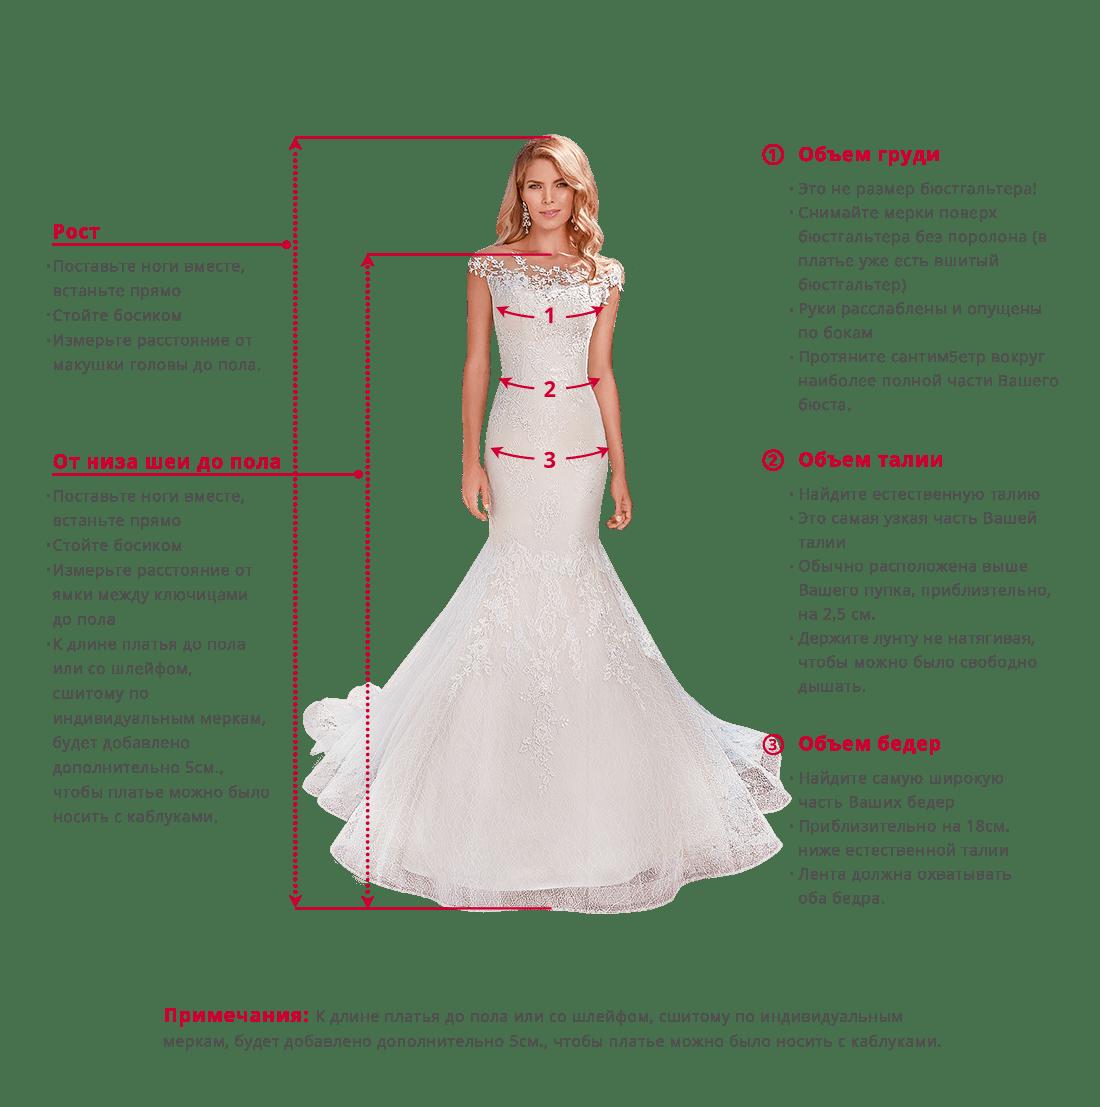 48abf5ff642fae5 Облегчить задачу помогут таблицы соответствий размеров свадебных платьев и  рекомендации по выбору оптимального наряда.